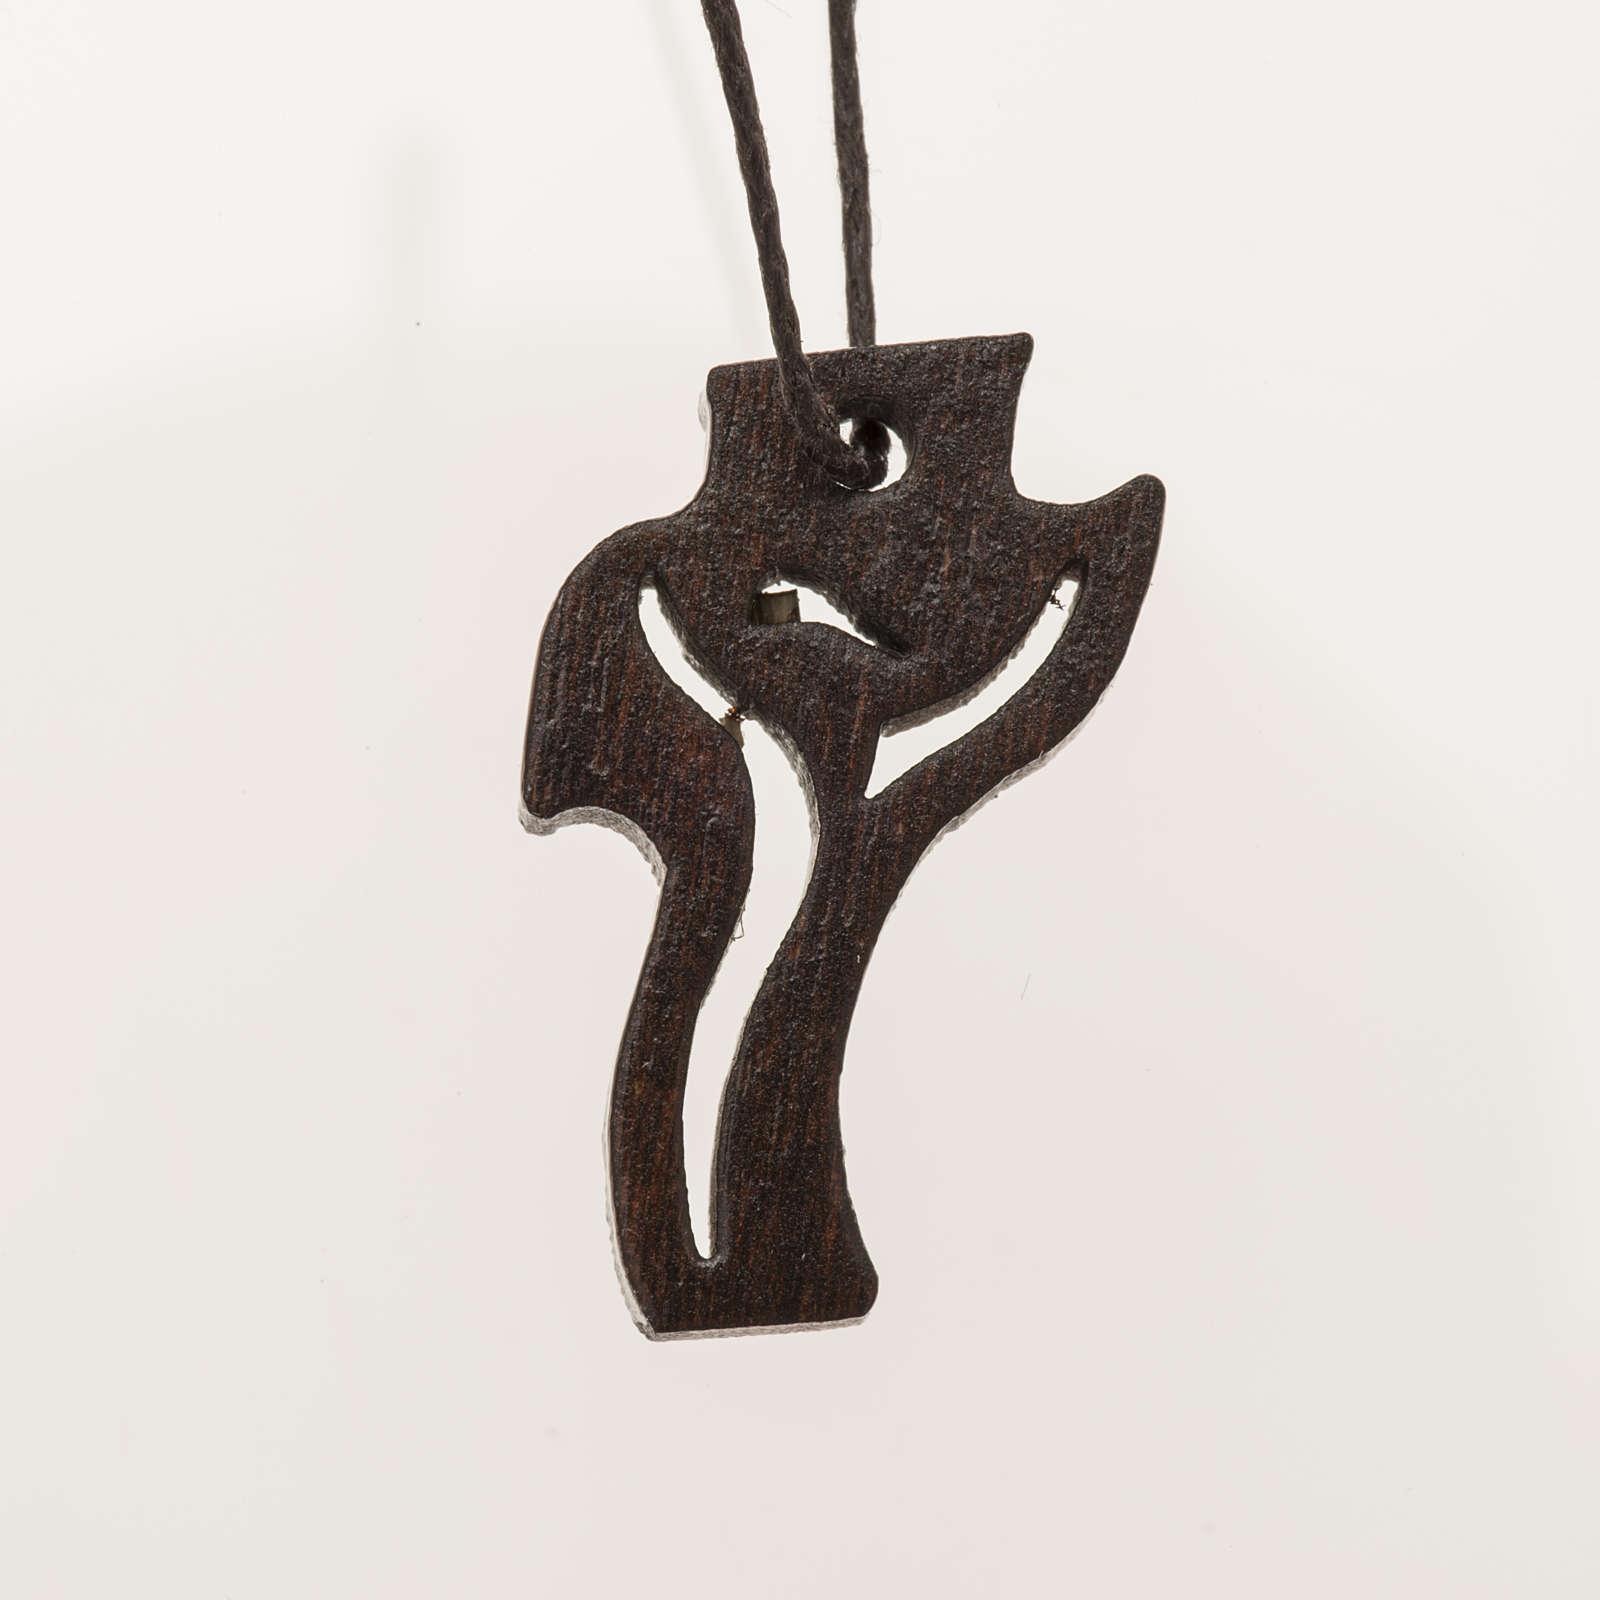 Krzyż Pierwsza Komunia Zmartwychwstały drewno ciemne 3.6x2 cm 4